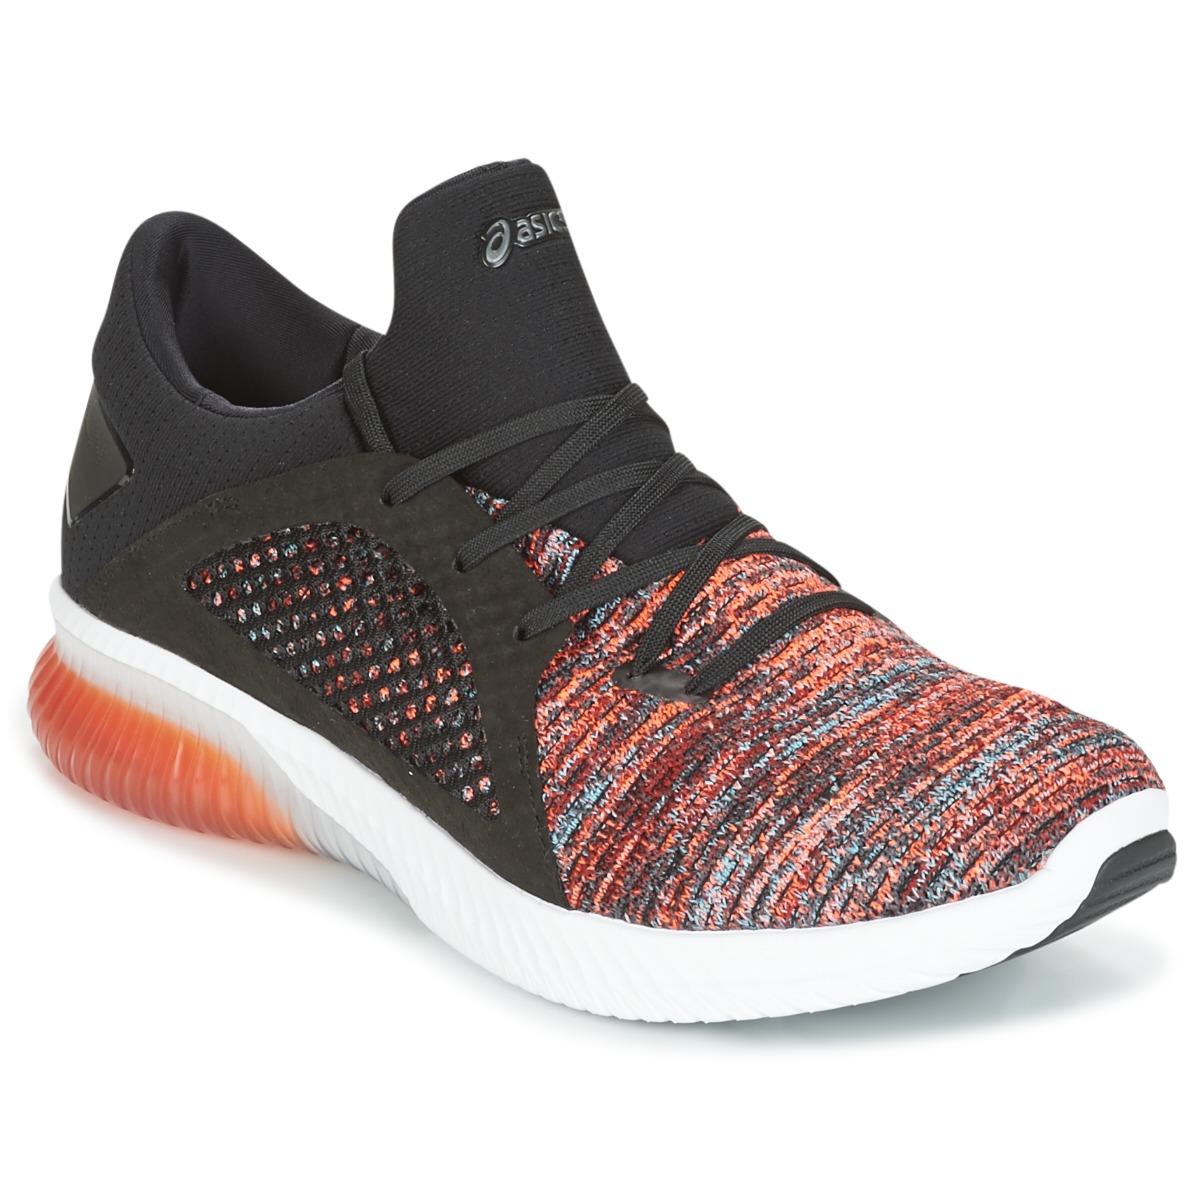 Asics KENUN KNIT Orange / Schwarz - Kostenloser Versand bei Spartoode ! - Schuhe Sneaker Low Herren 67,60 €